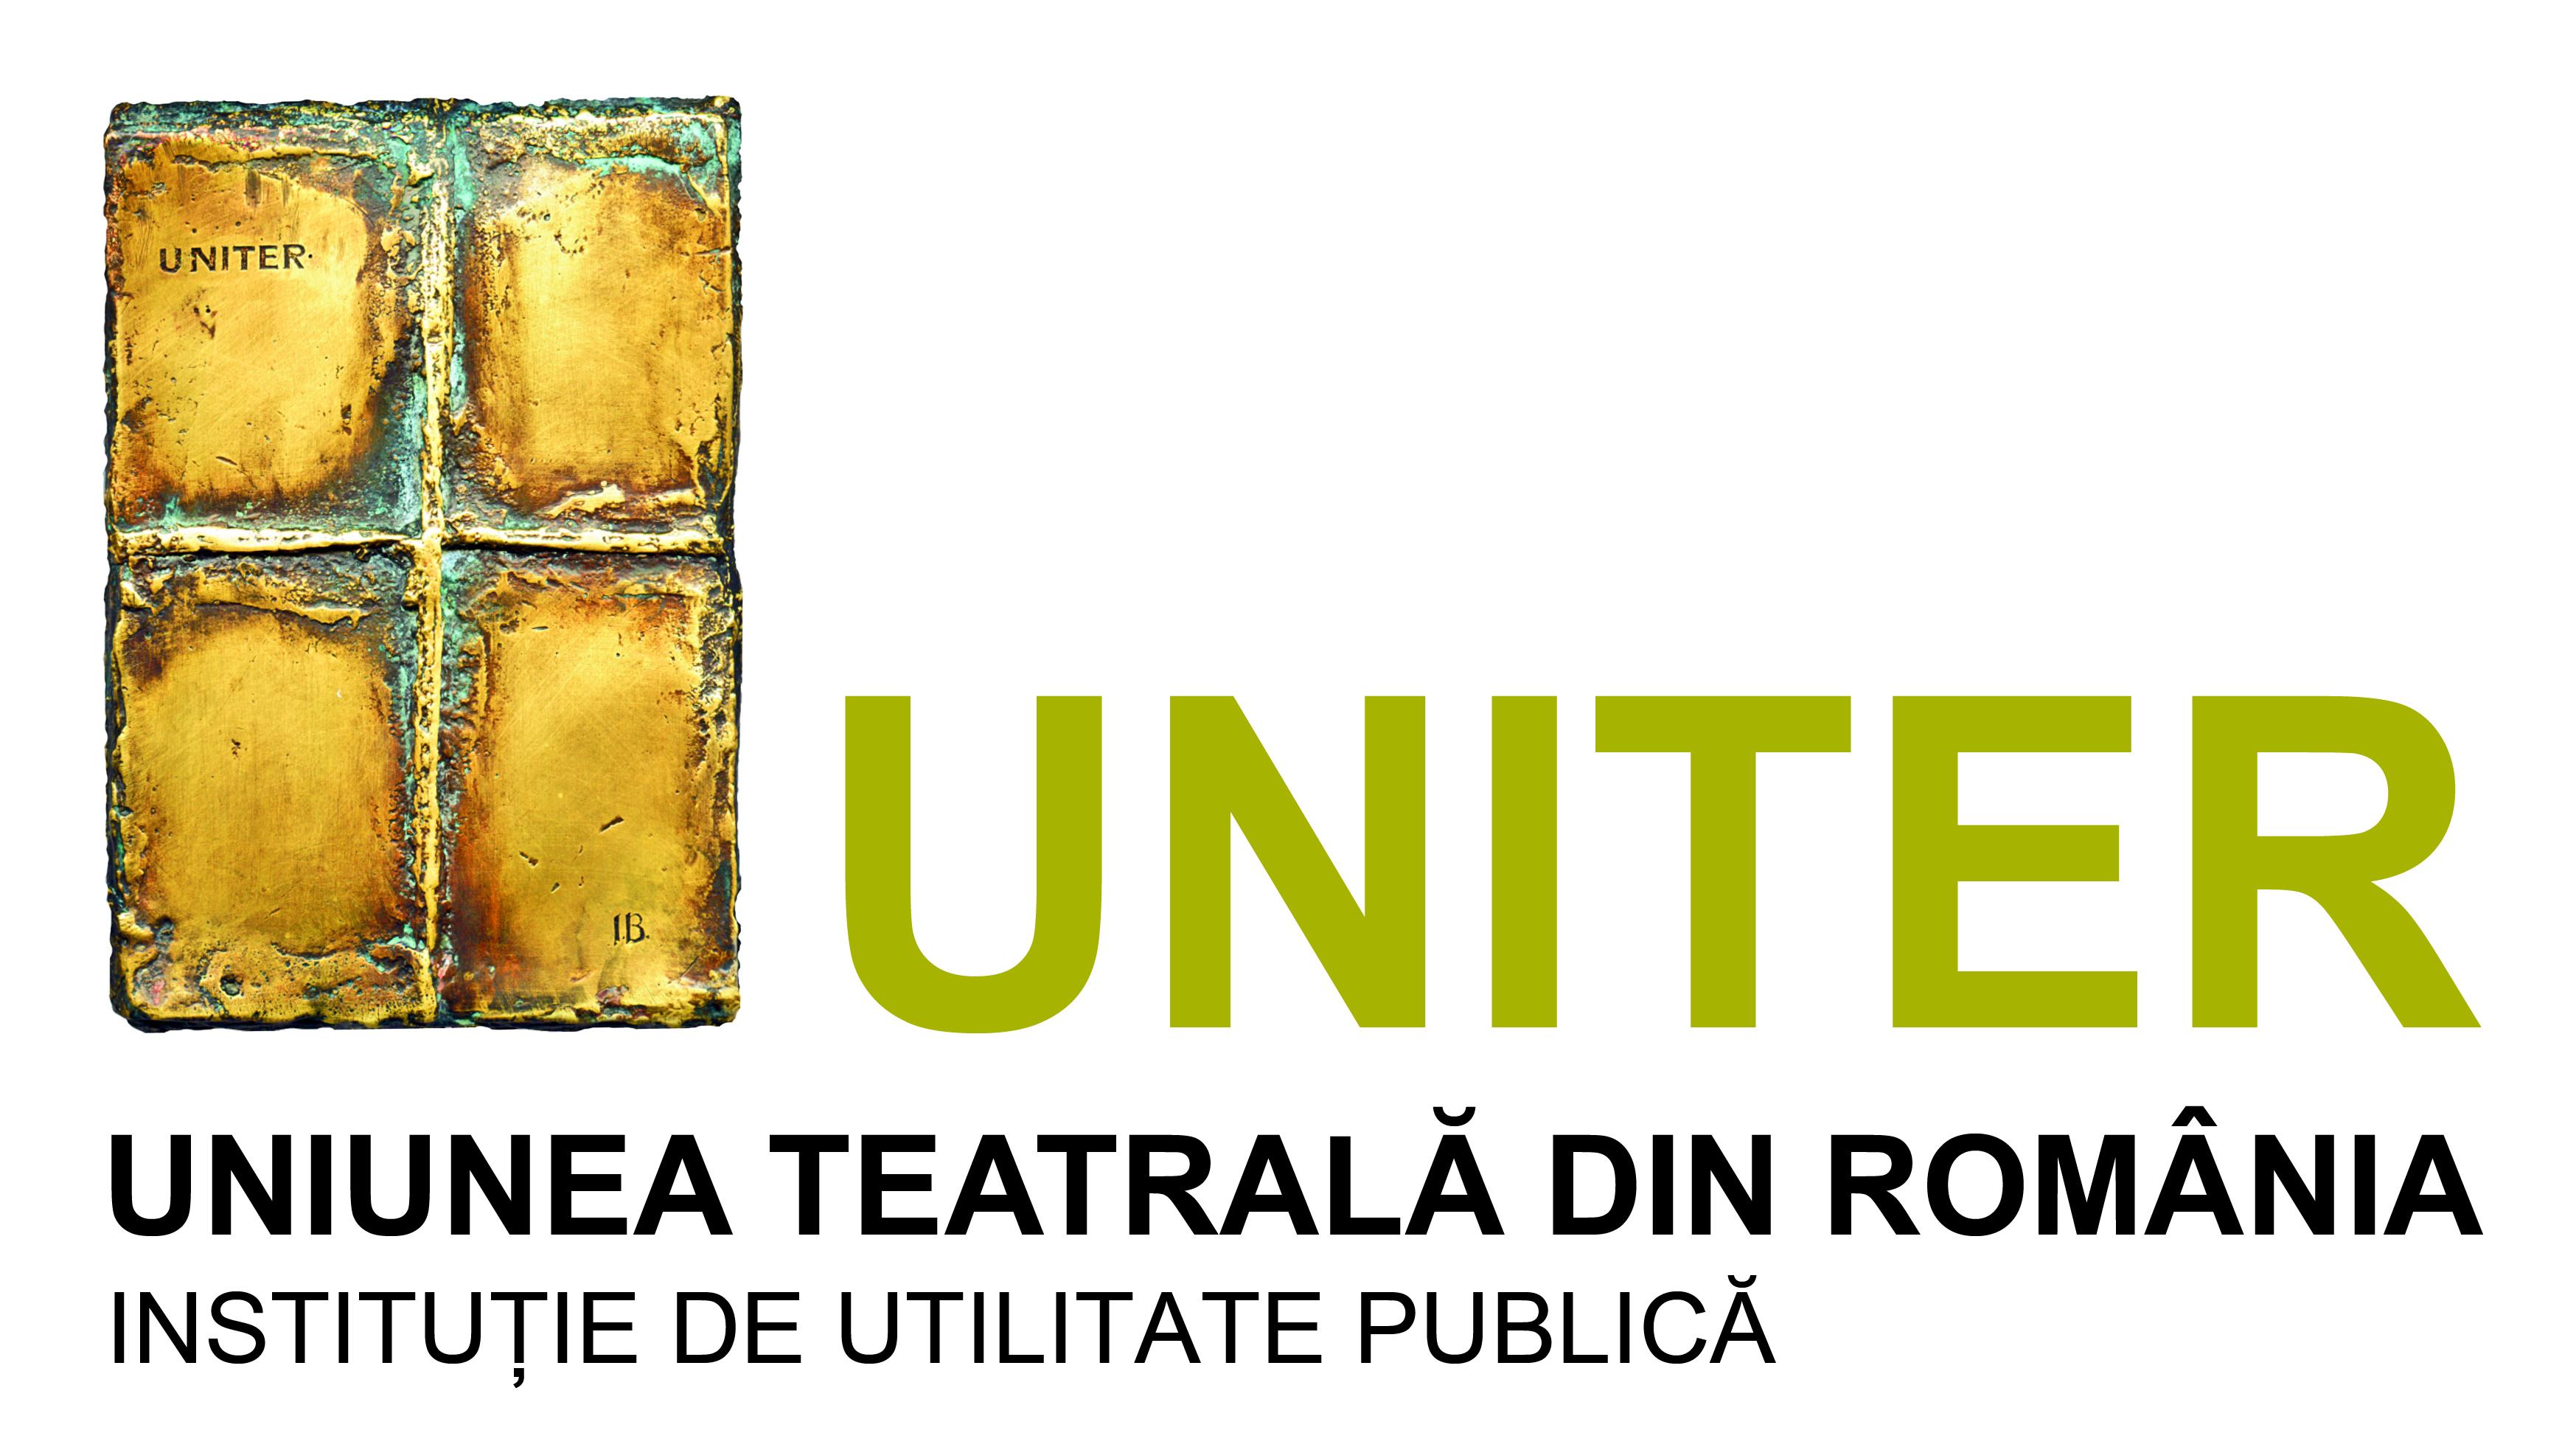 UNITER